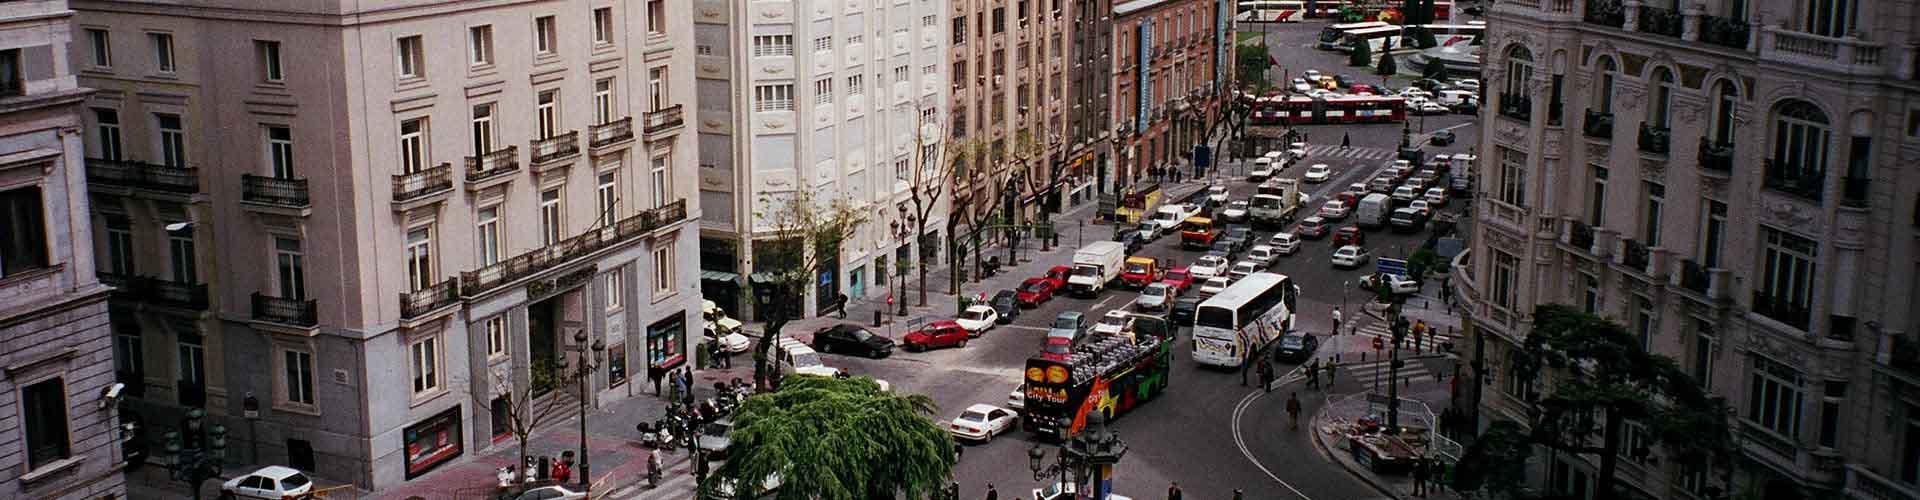 Madri – Albergues no bairro de Cortes . Mapas para Madri, Fotos e Avaliações para cada Albergue em Madri.